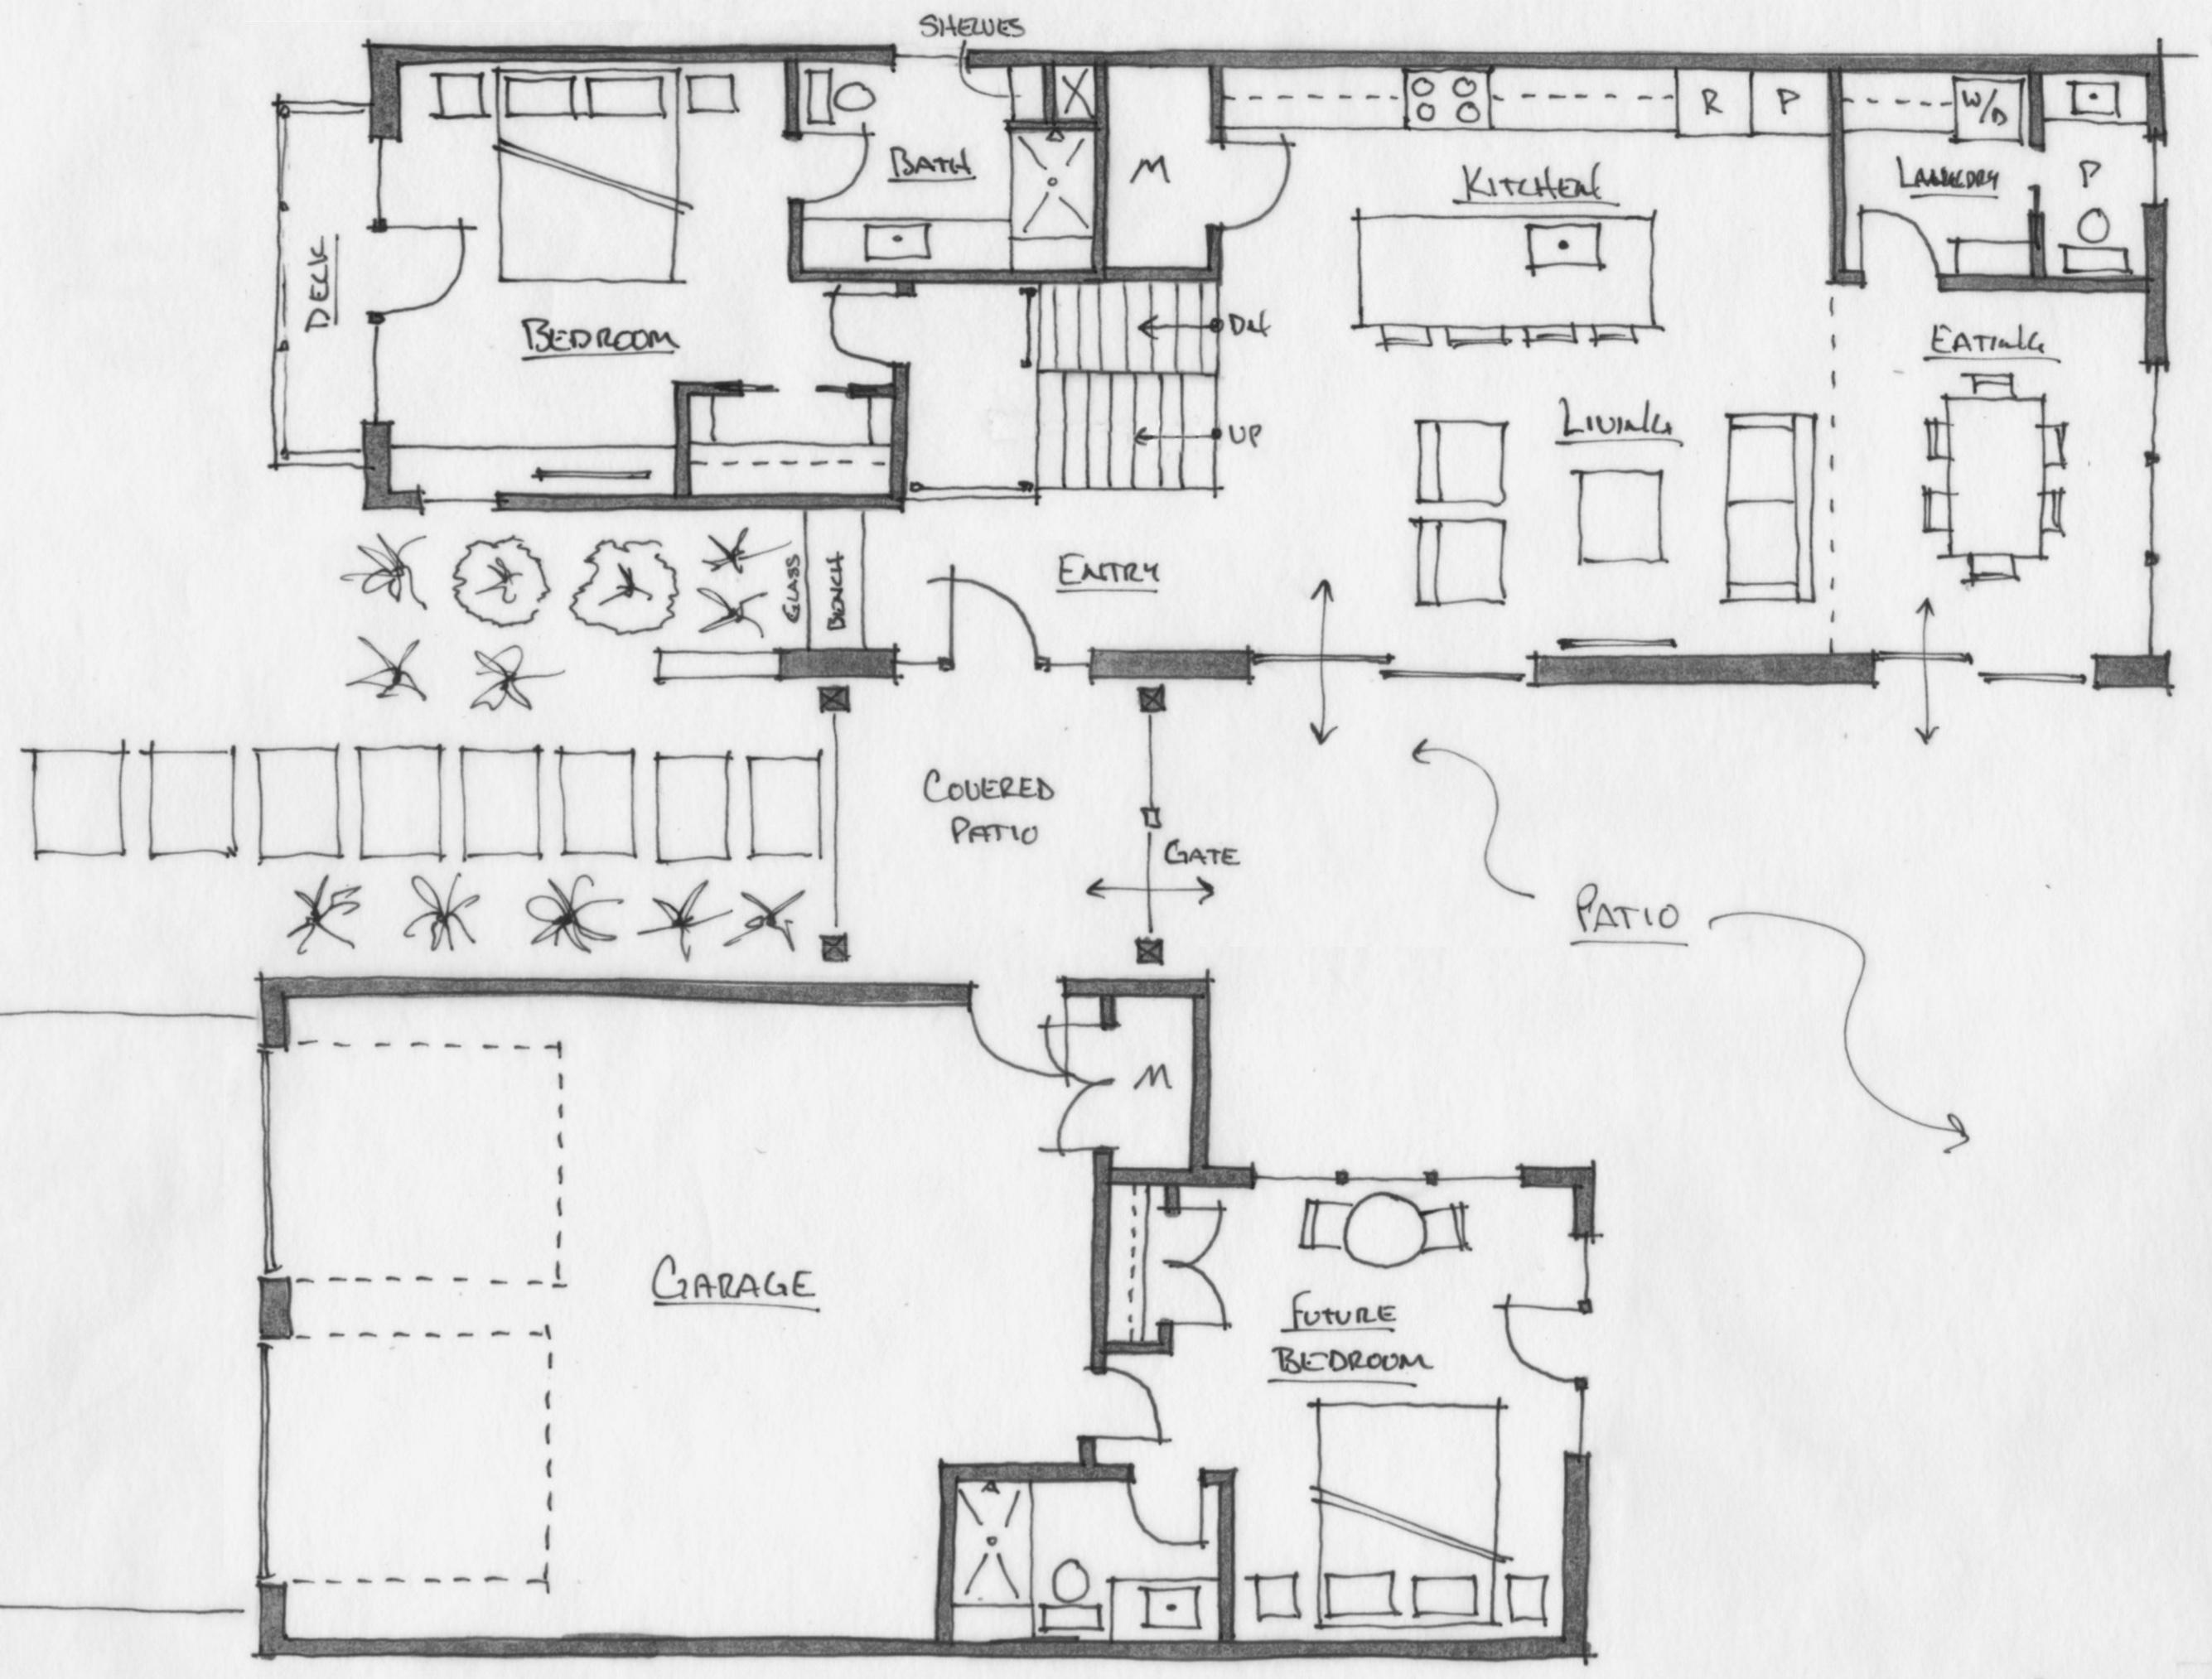 Kwan Residence